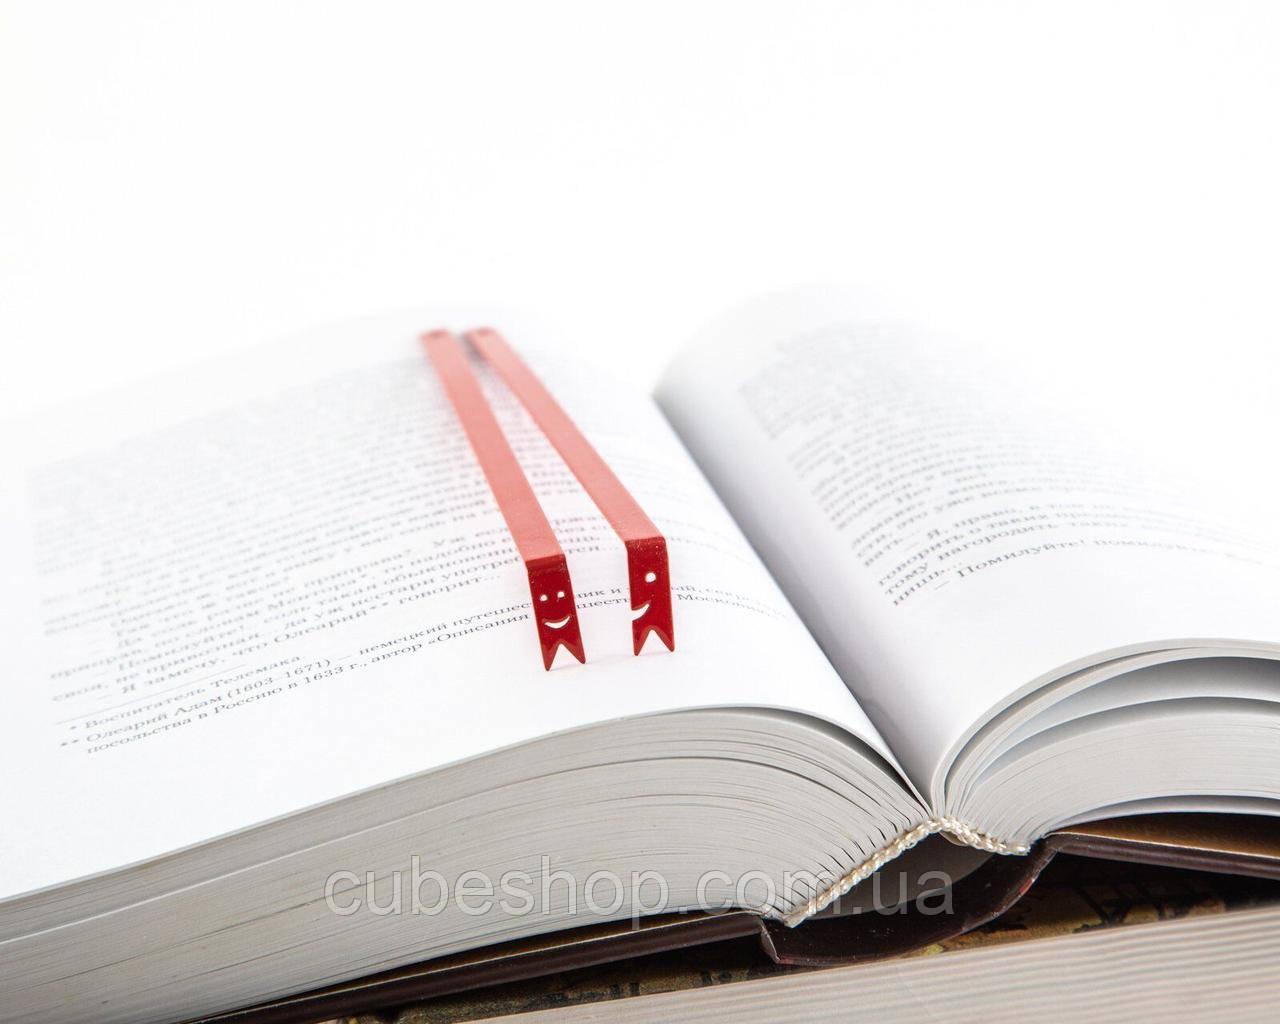 Закладка для книг Ляссе улыбающиеся